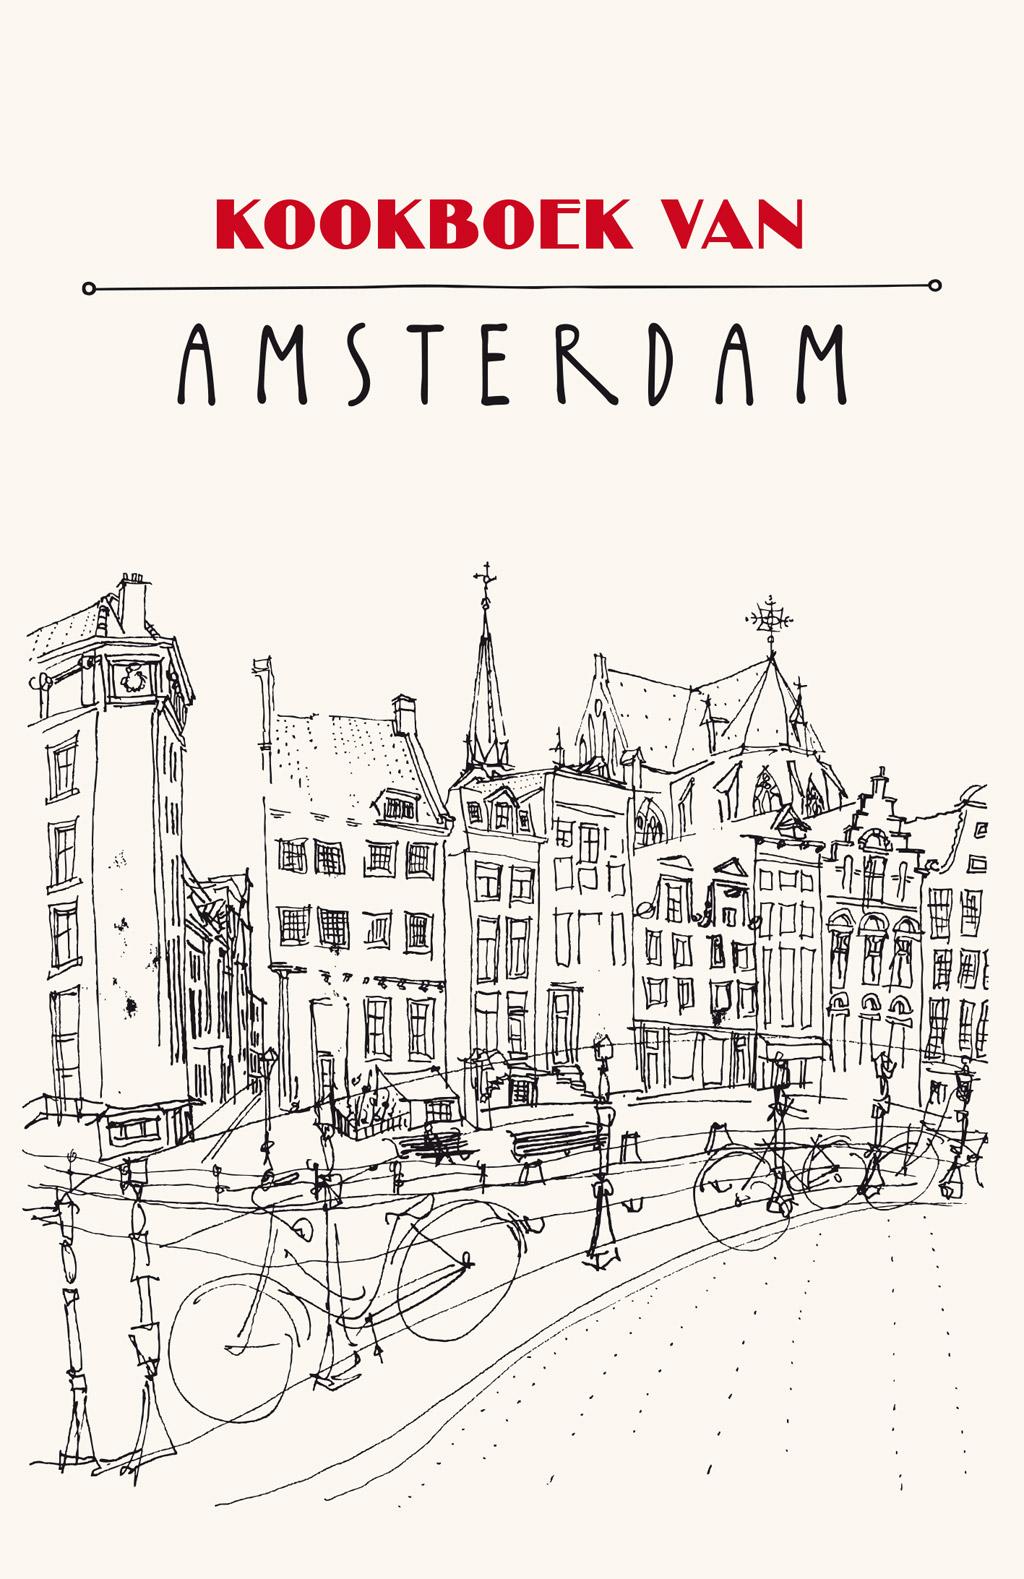 Kookboek van Amsterdam - Cover